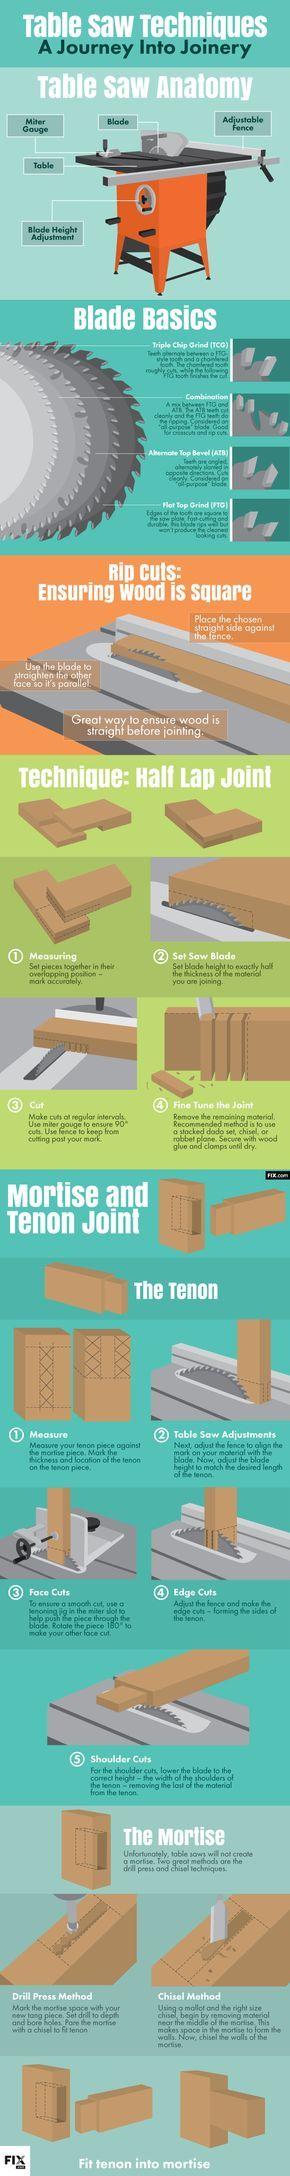 Técnicas con cierra circular #carpinteria #tecnicas #corte